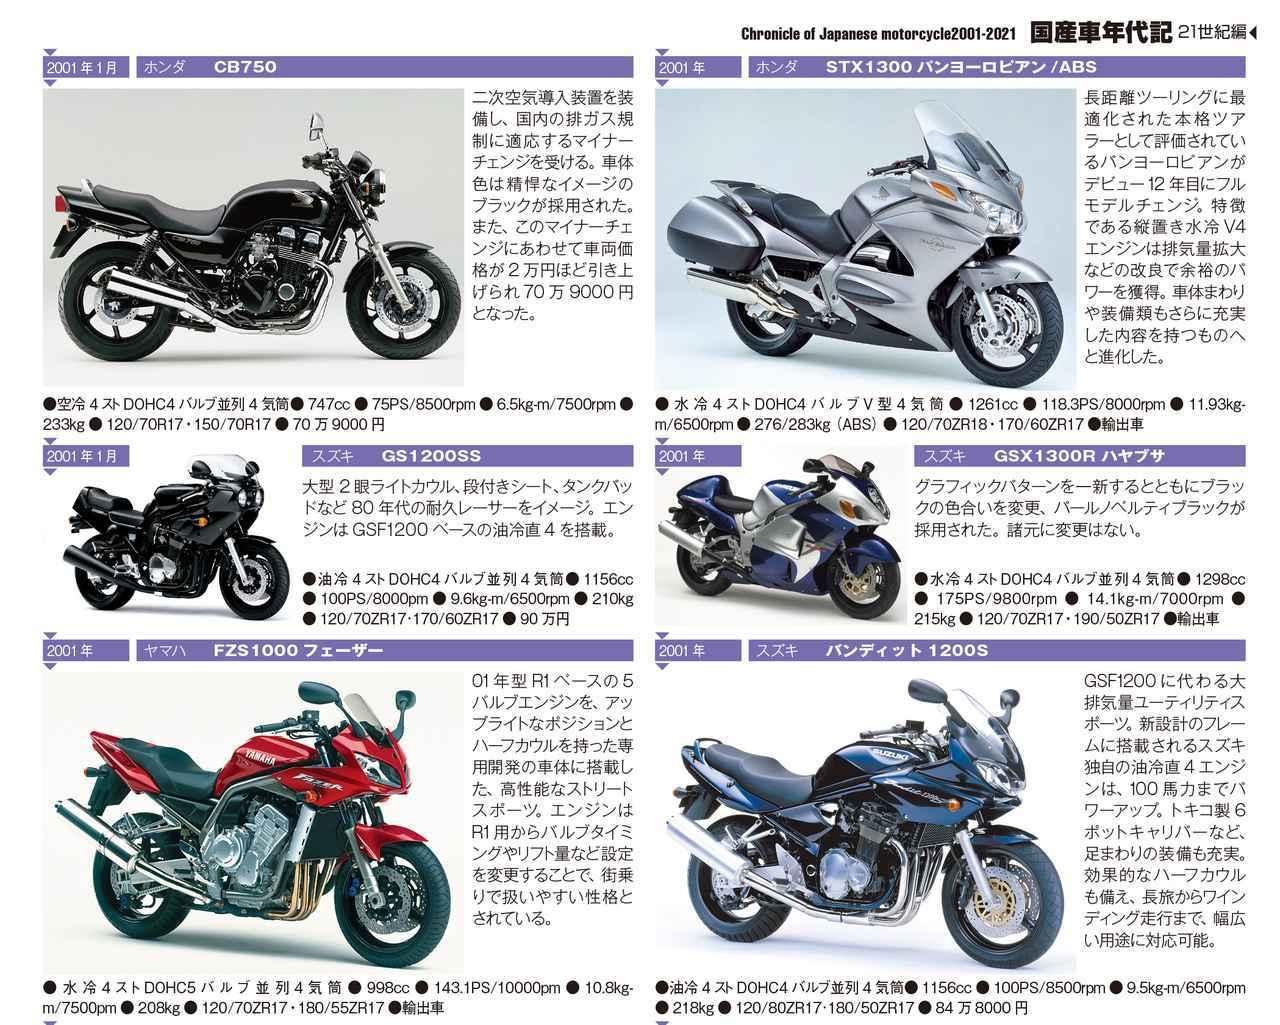 画像: 「国産車年代記 21世紀編」では、このような感じで2001年から2021年発売のバイクを徹底網羅!